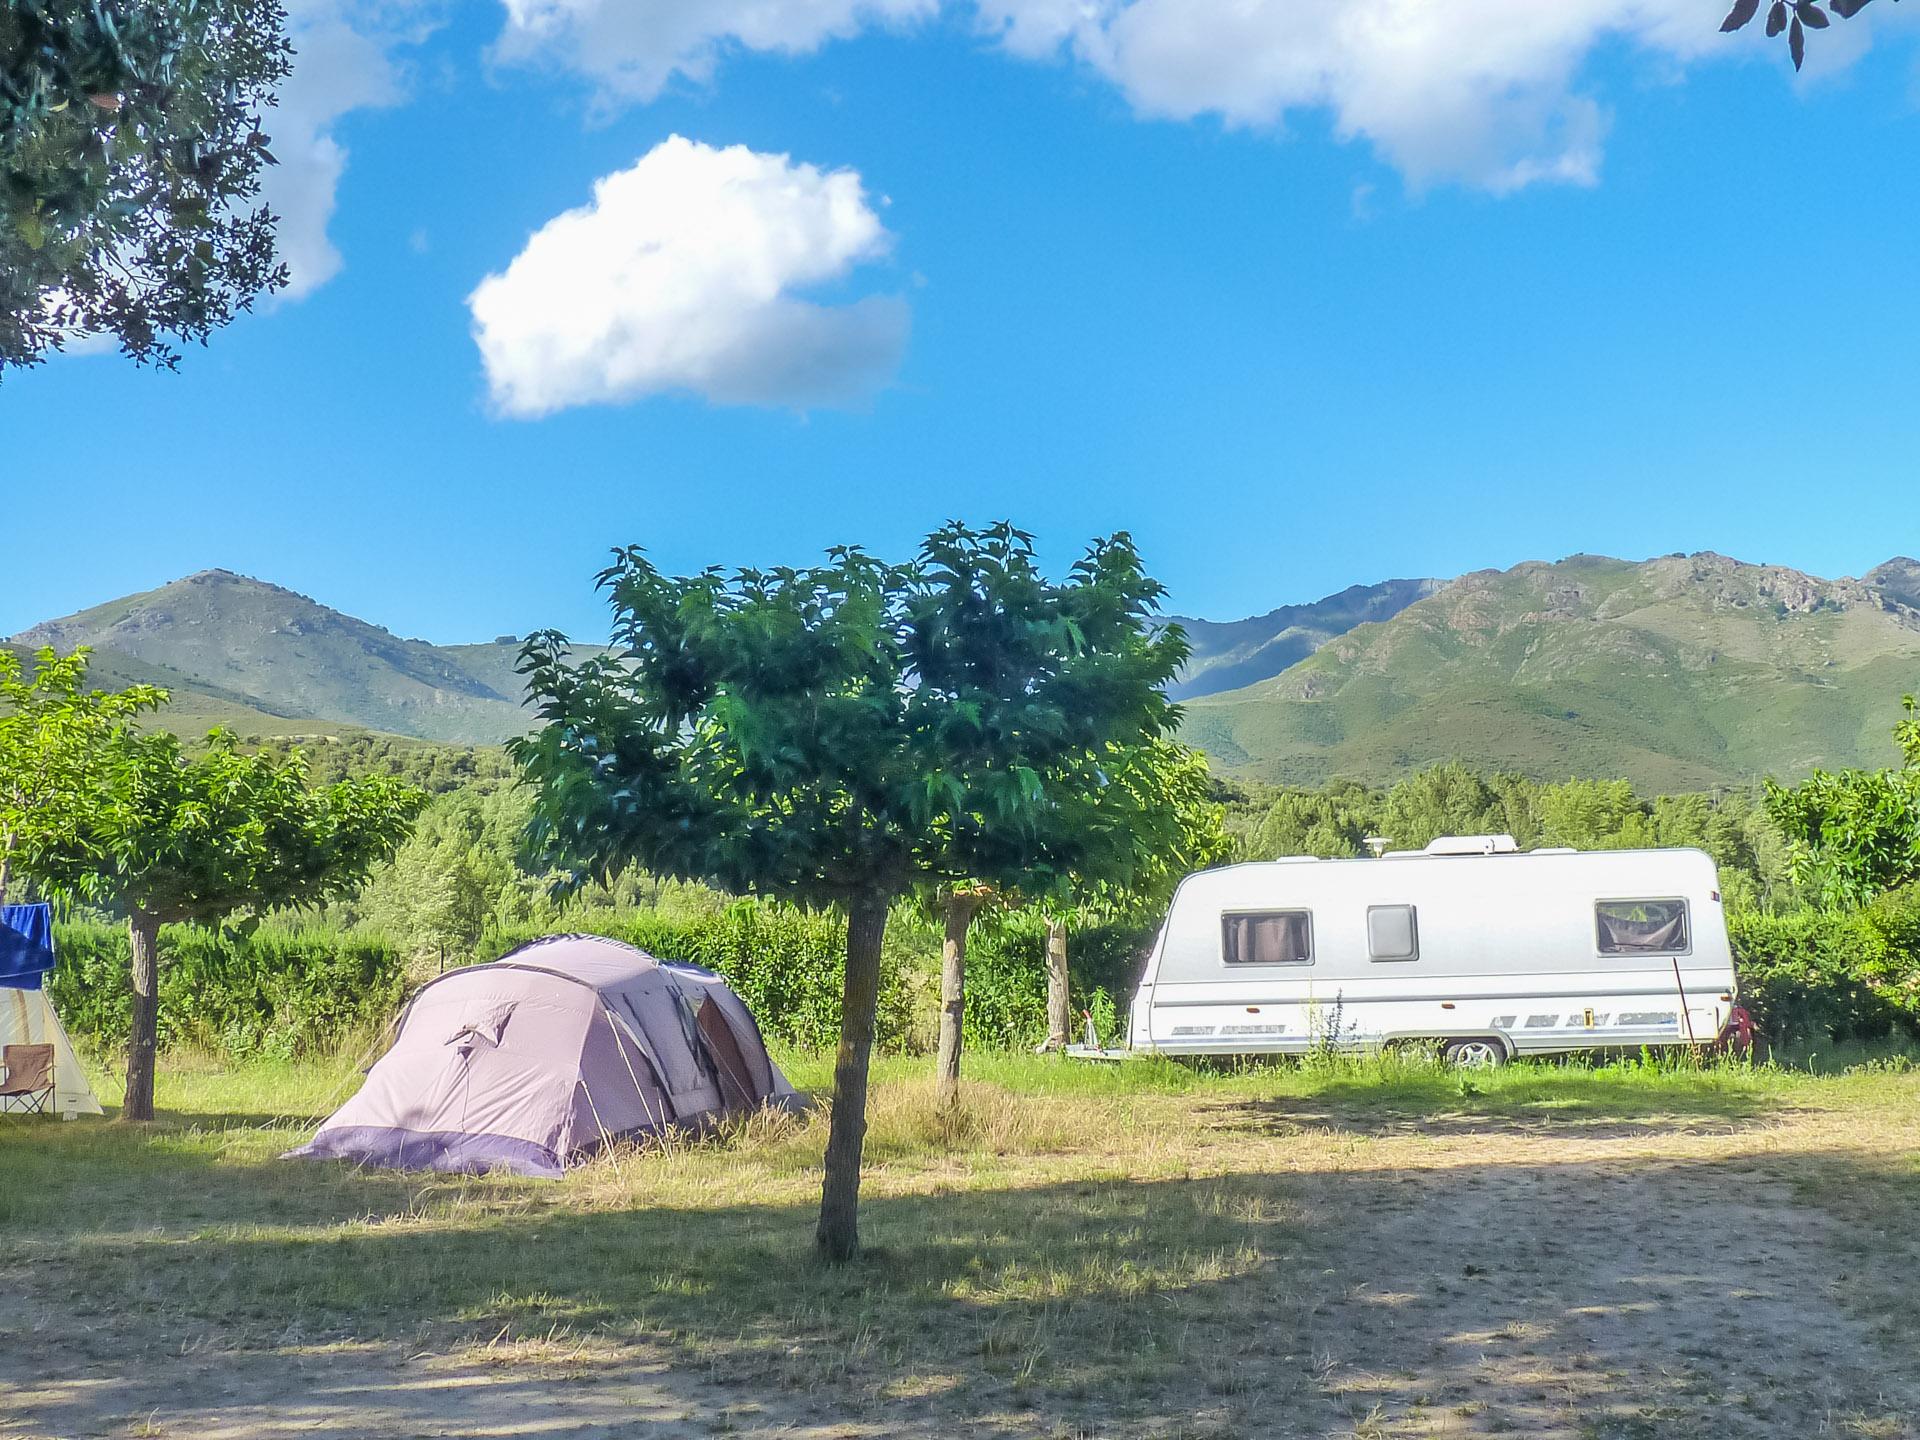 Camping Santa Barbara